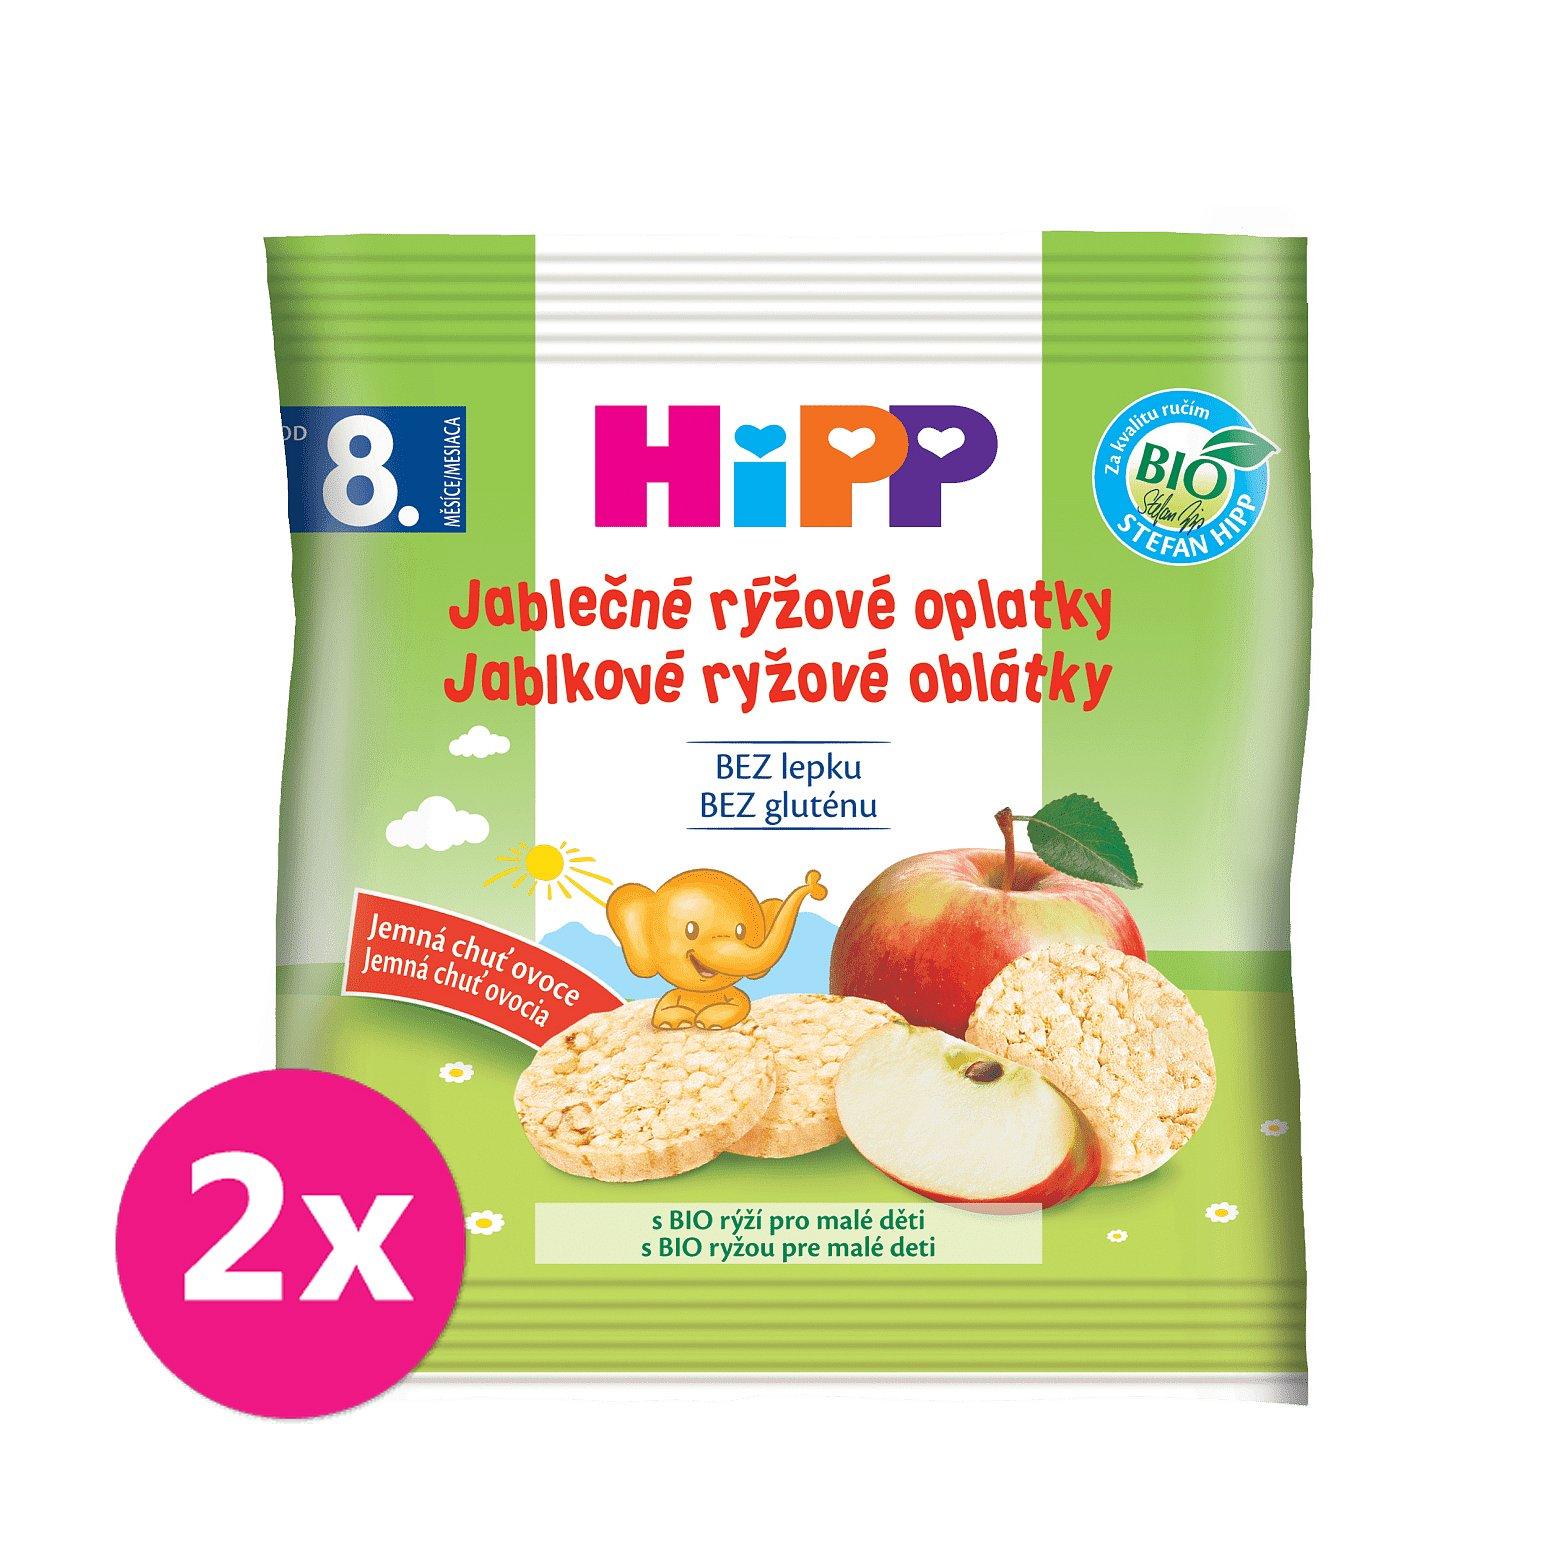 2x HIPP BIO Oplatky dětské rýžové jablkové 30g